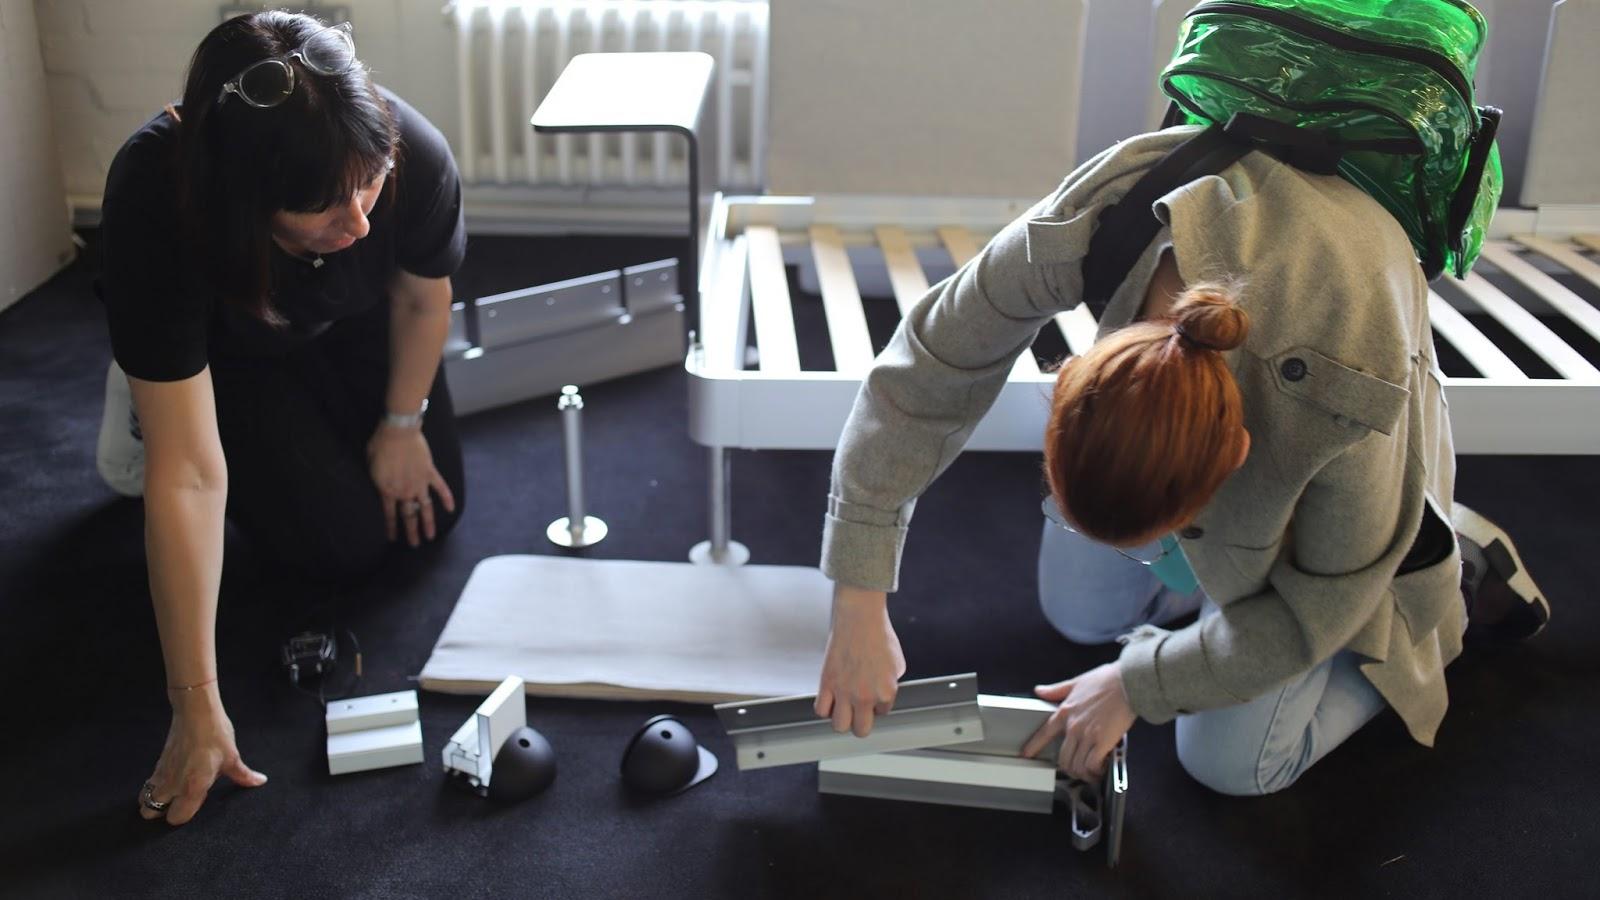 Jo 3 pikkulasta pudonnut Ikean hoitopöydältä – nyt tuli muistutus kiinnityksestä